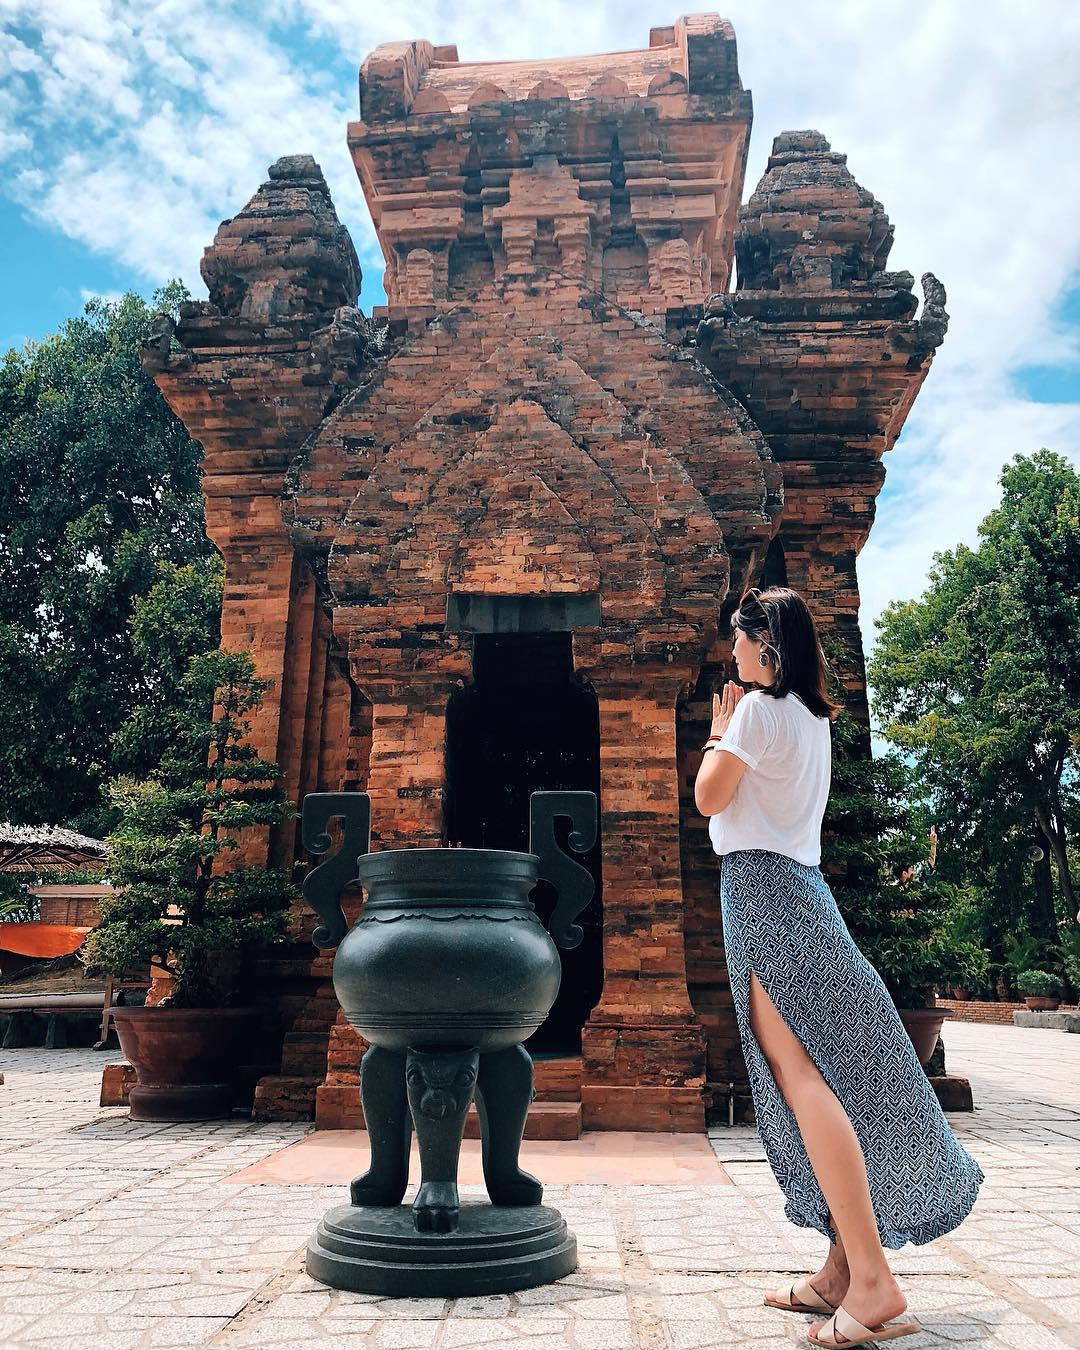 Trải nghiệm hành trình du lịch Nha Trang 3 ngày 2 đêm hấp dẫn và thú vị trong ngày hè - Ảnh 8.